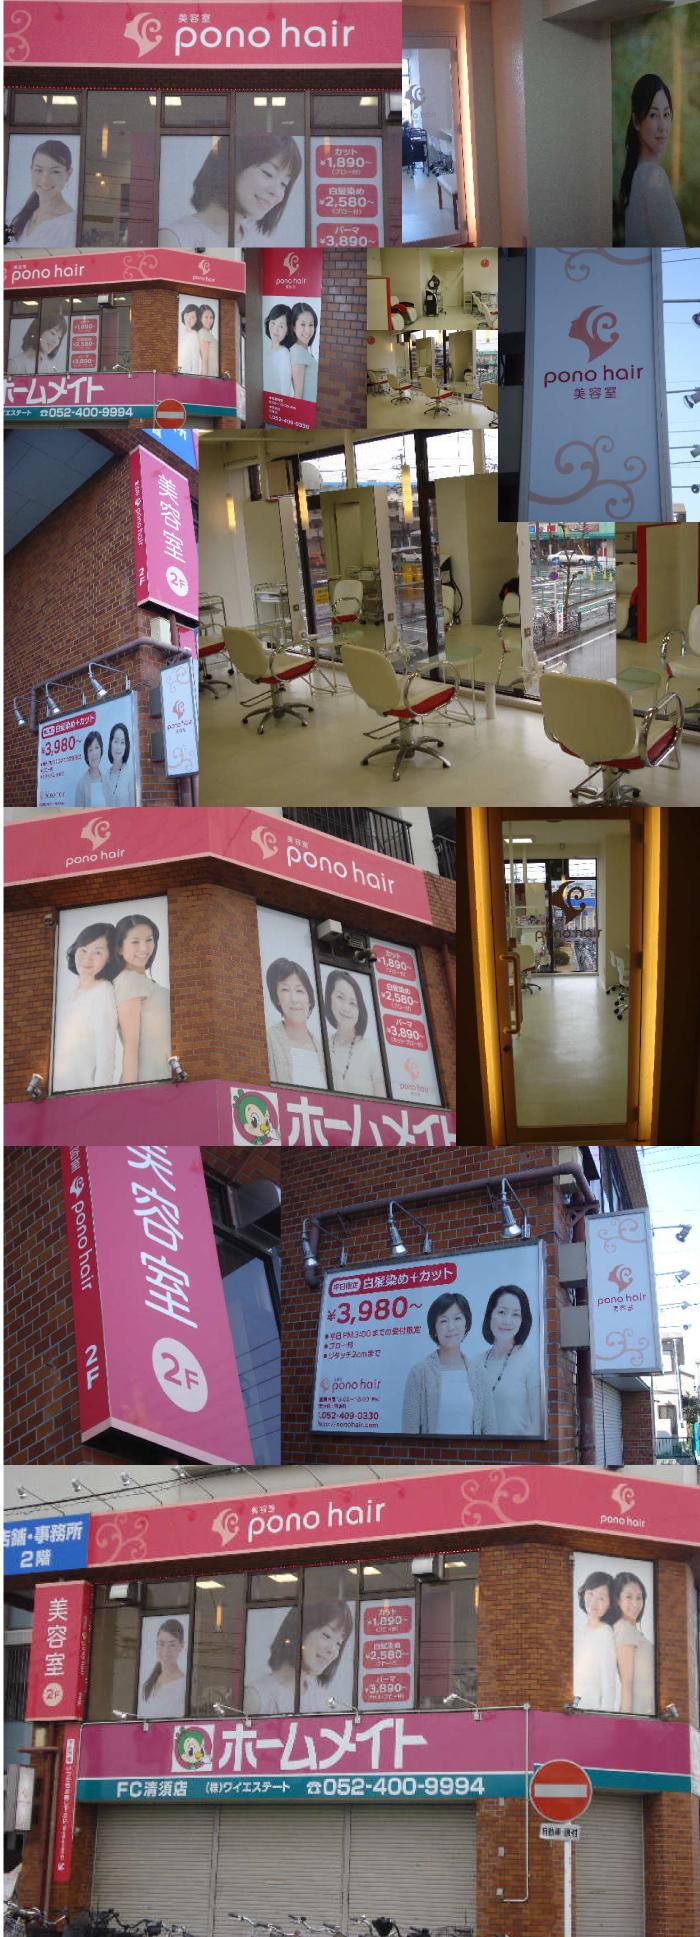 清須 美容室 ponohair 店舗案内ページ アイキャッチ画像